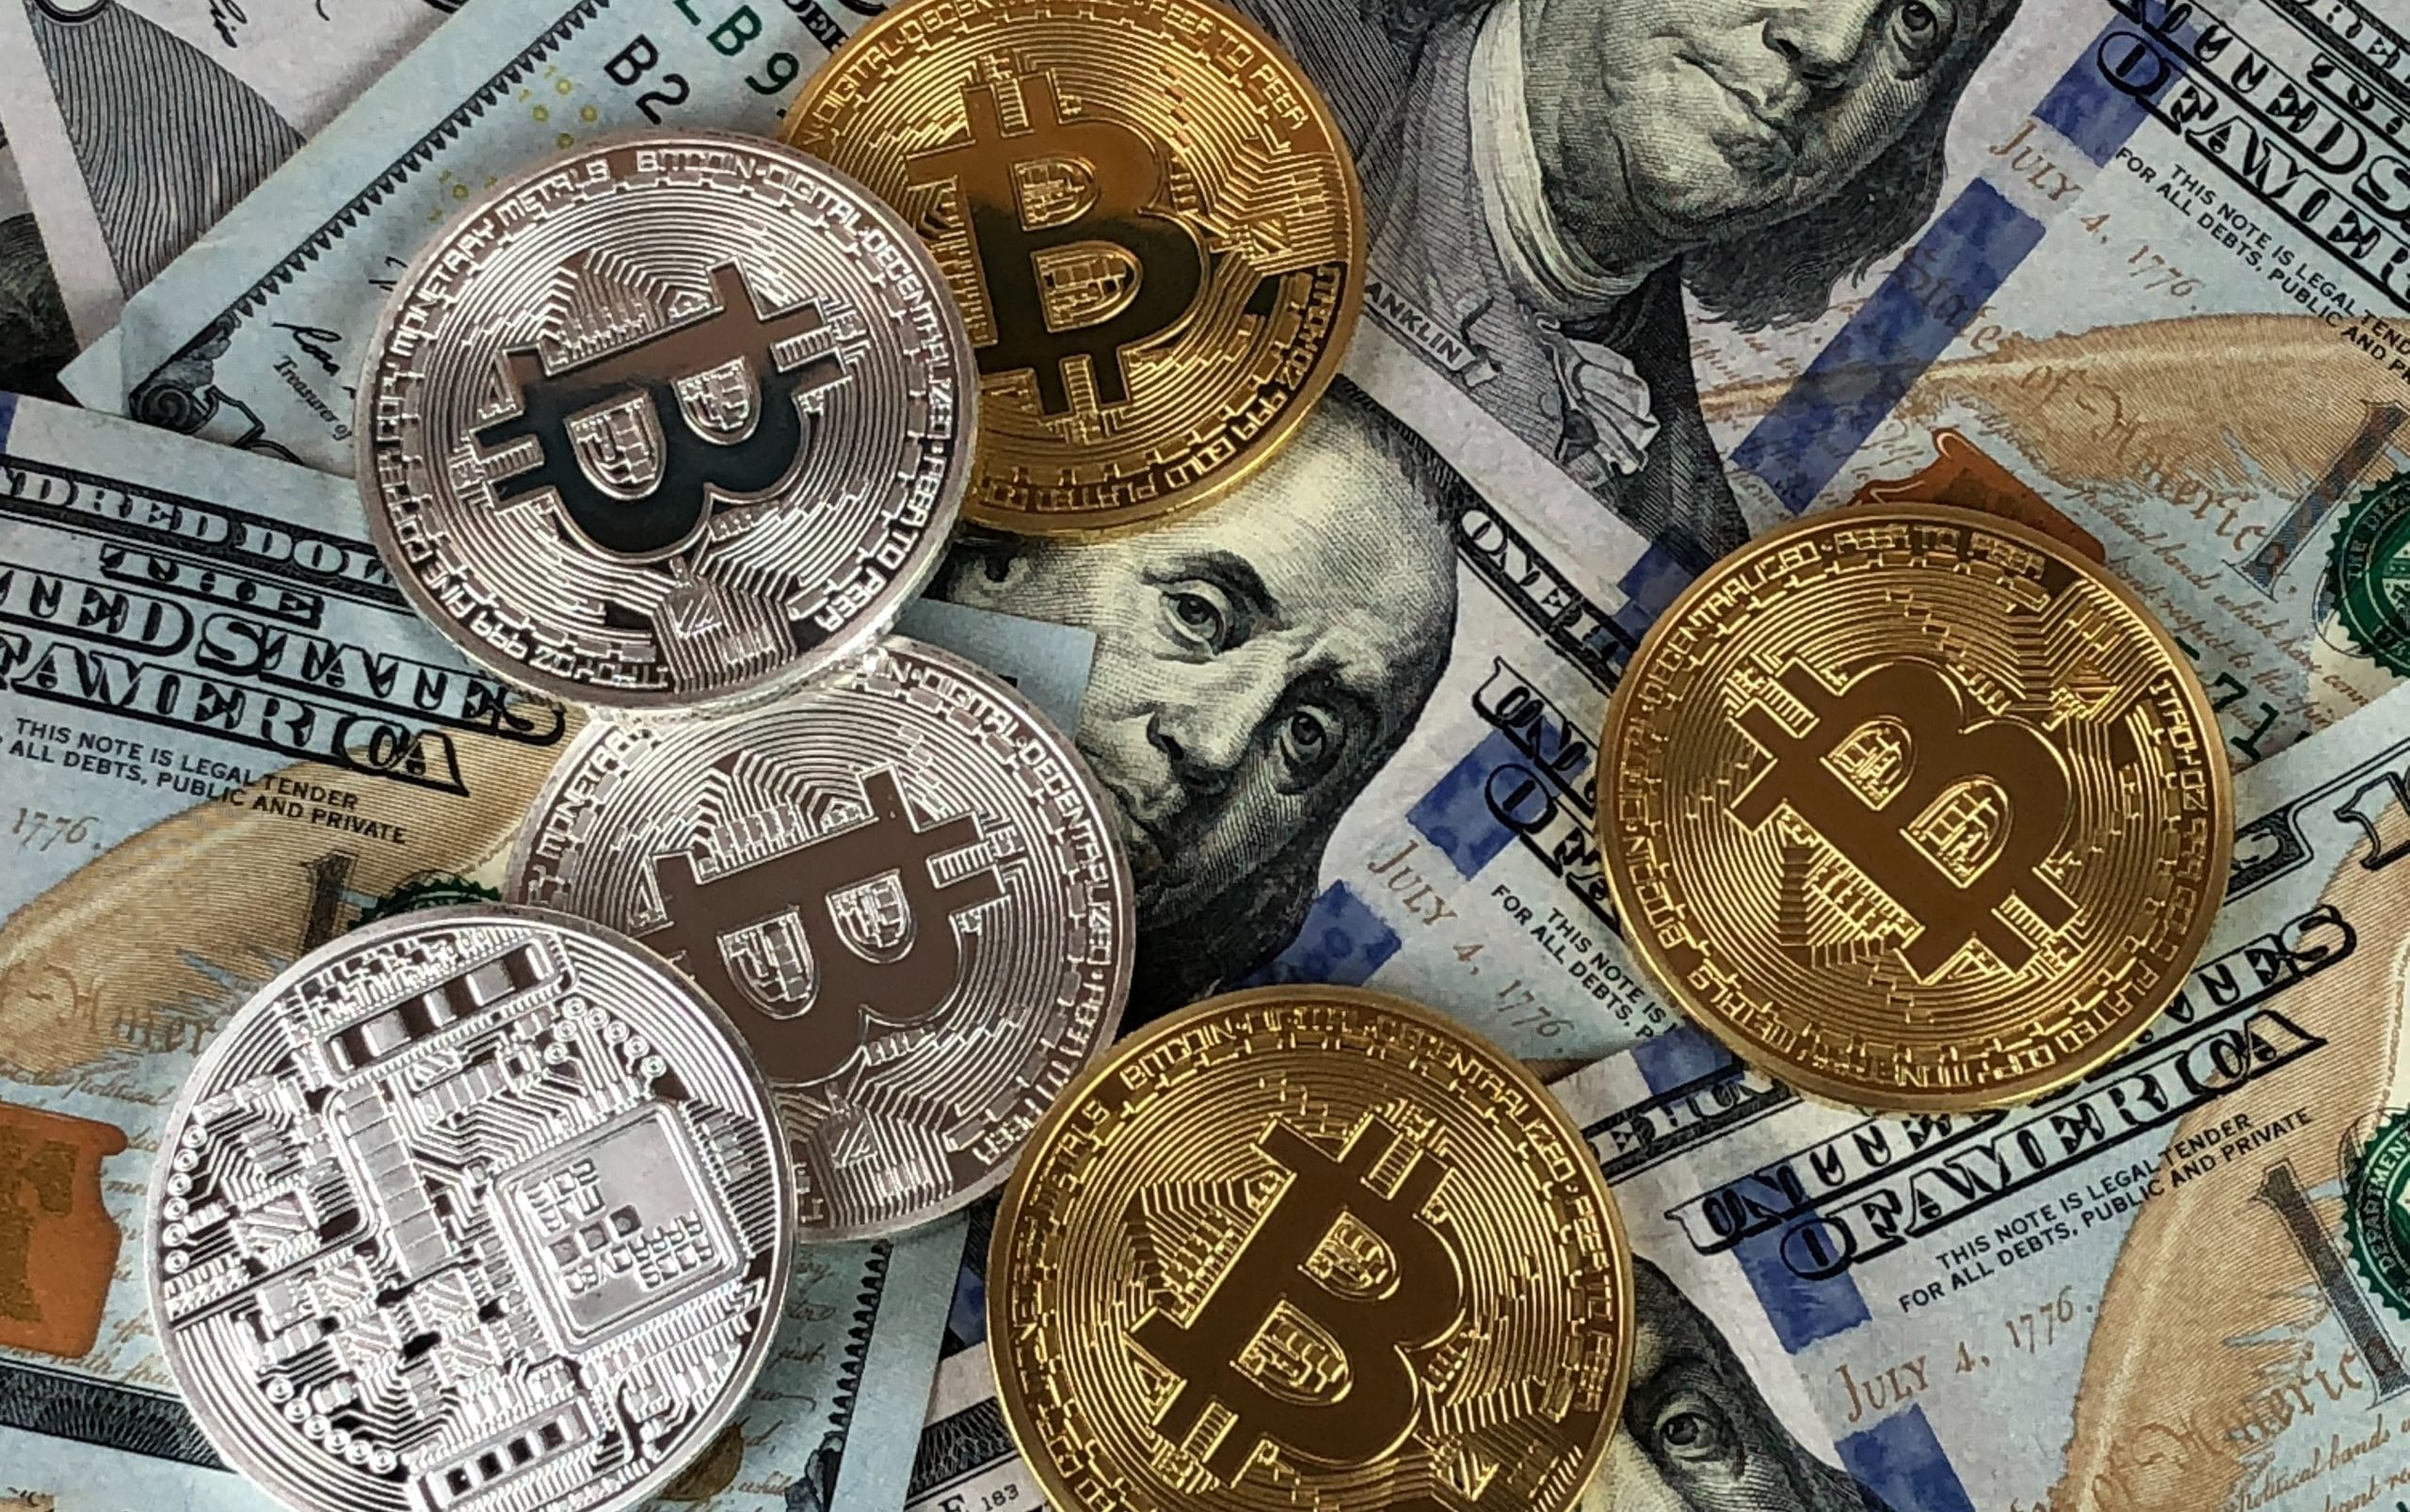 Fnatic podpisuje umowę wartą 15 milionów dolarów z giełdą kryptowalut